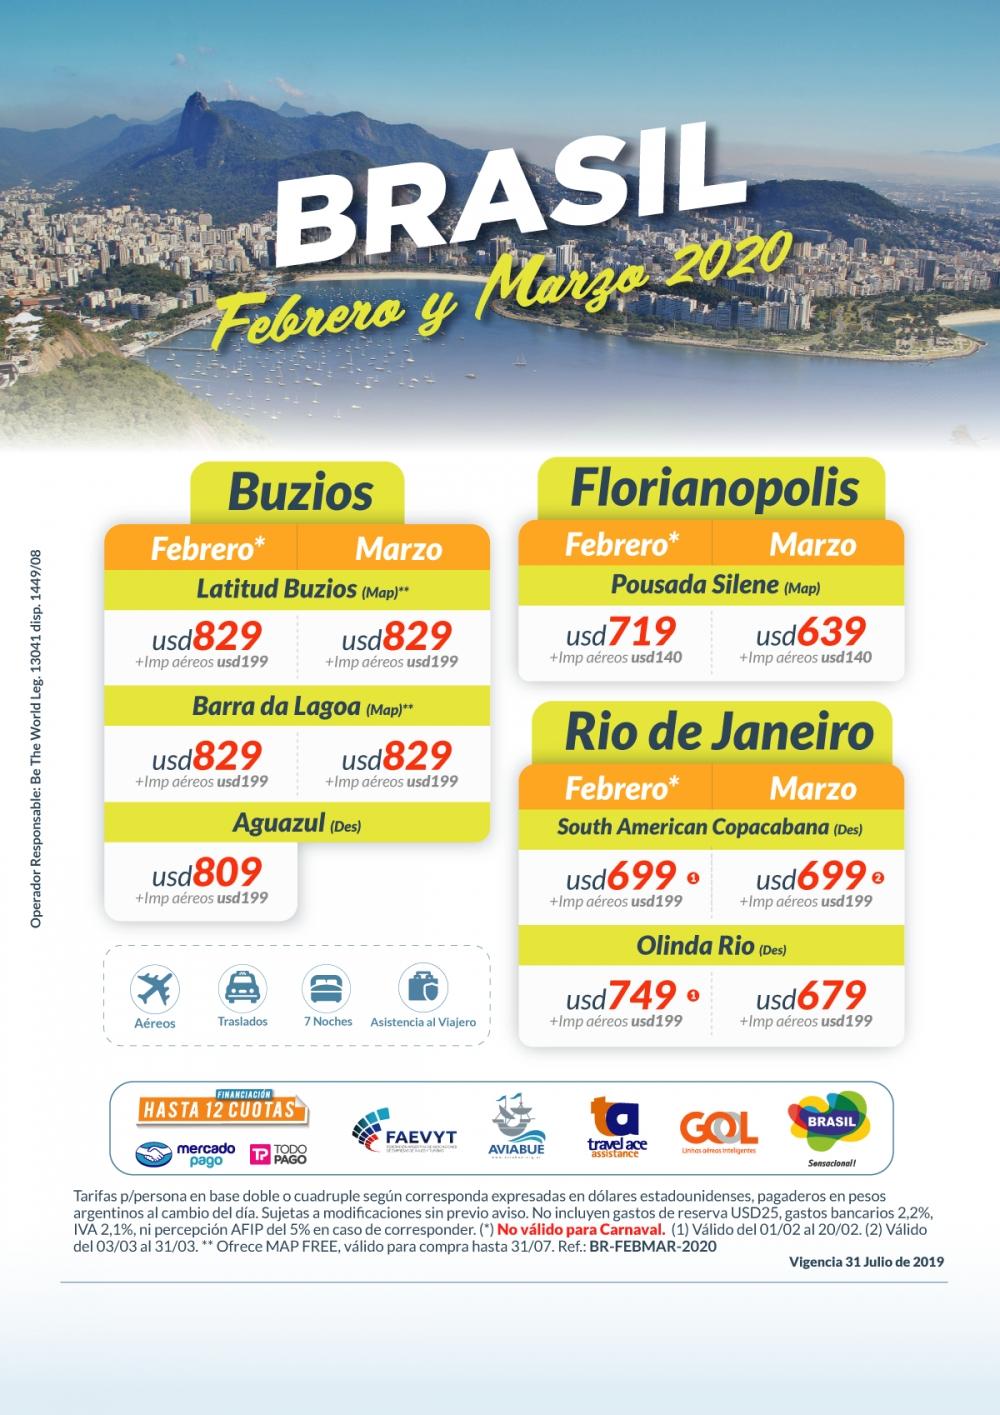 BRASIL - Febrero y Marzo 2020